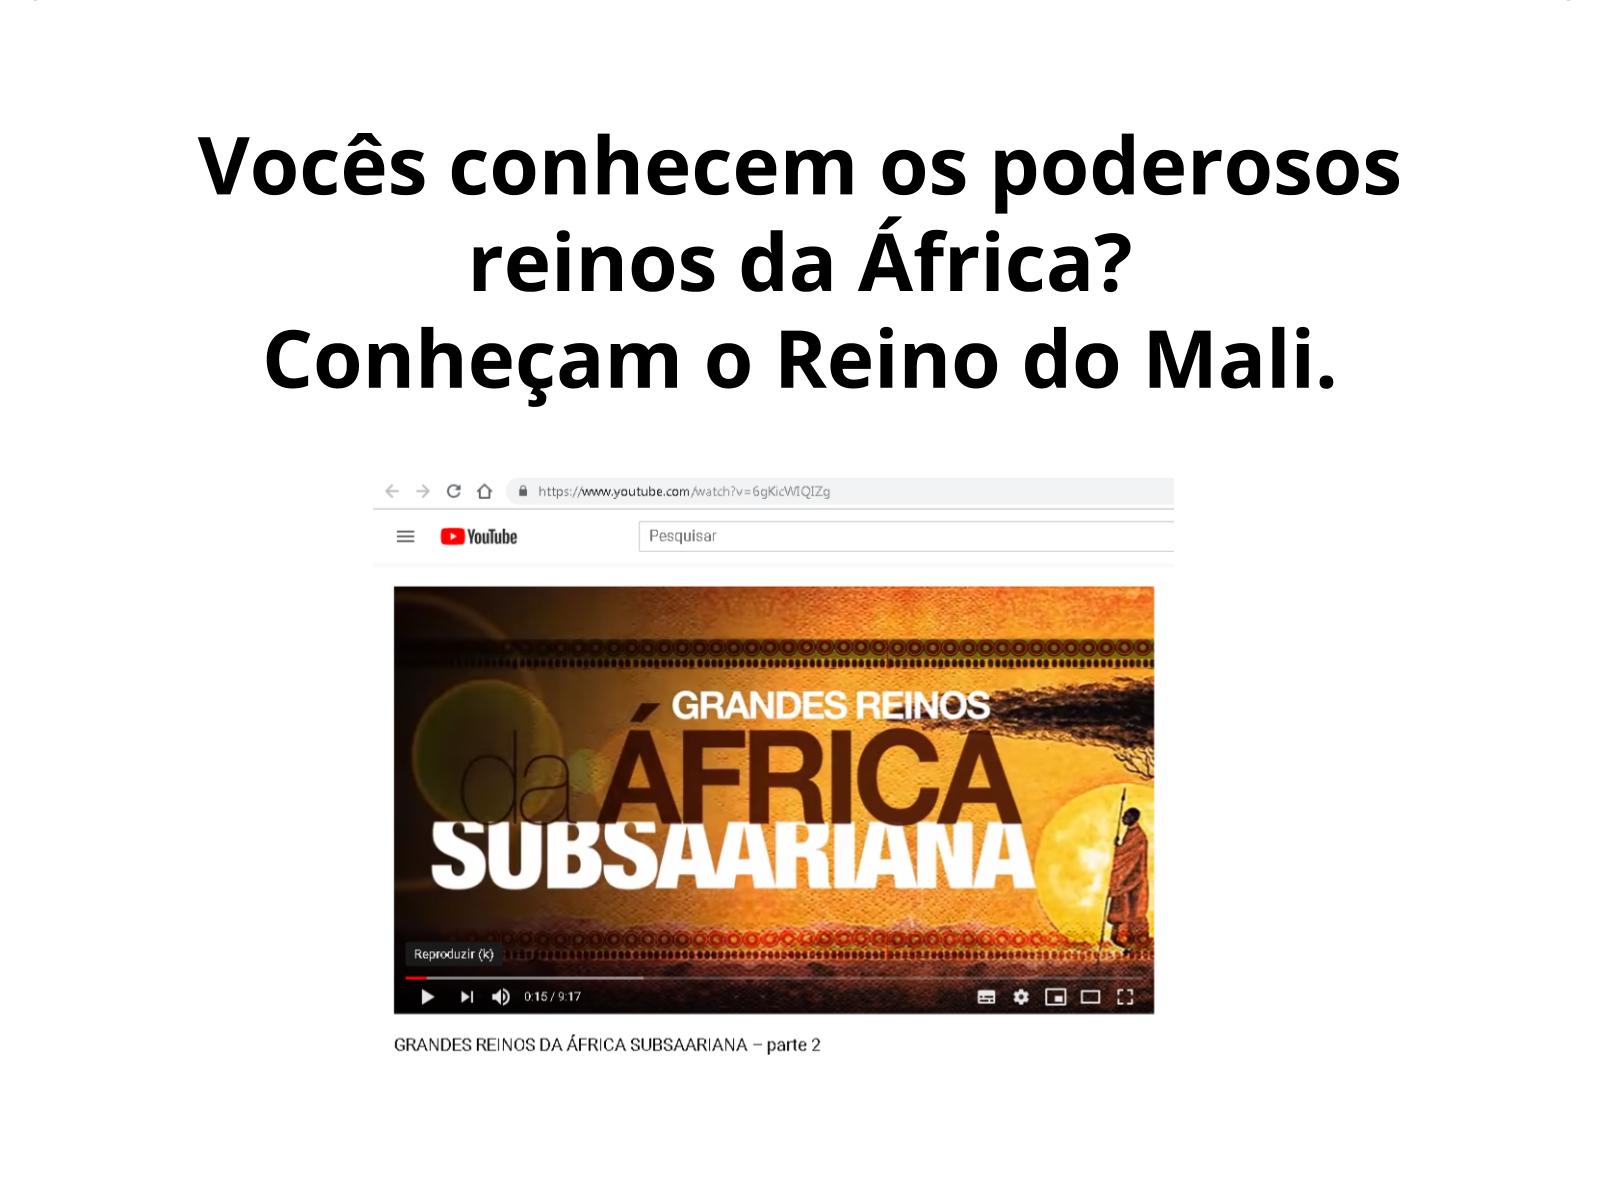 Dos poderosos reinos africanos ao deslocamento forçado para o Brasil